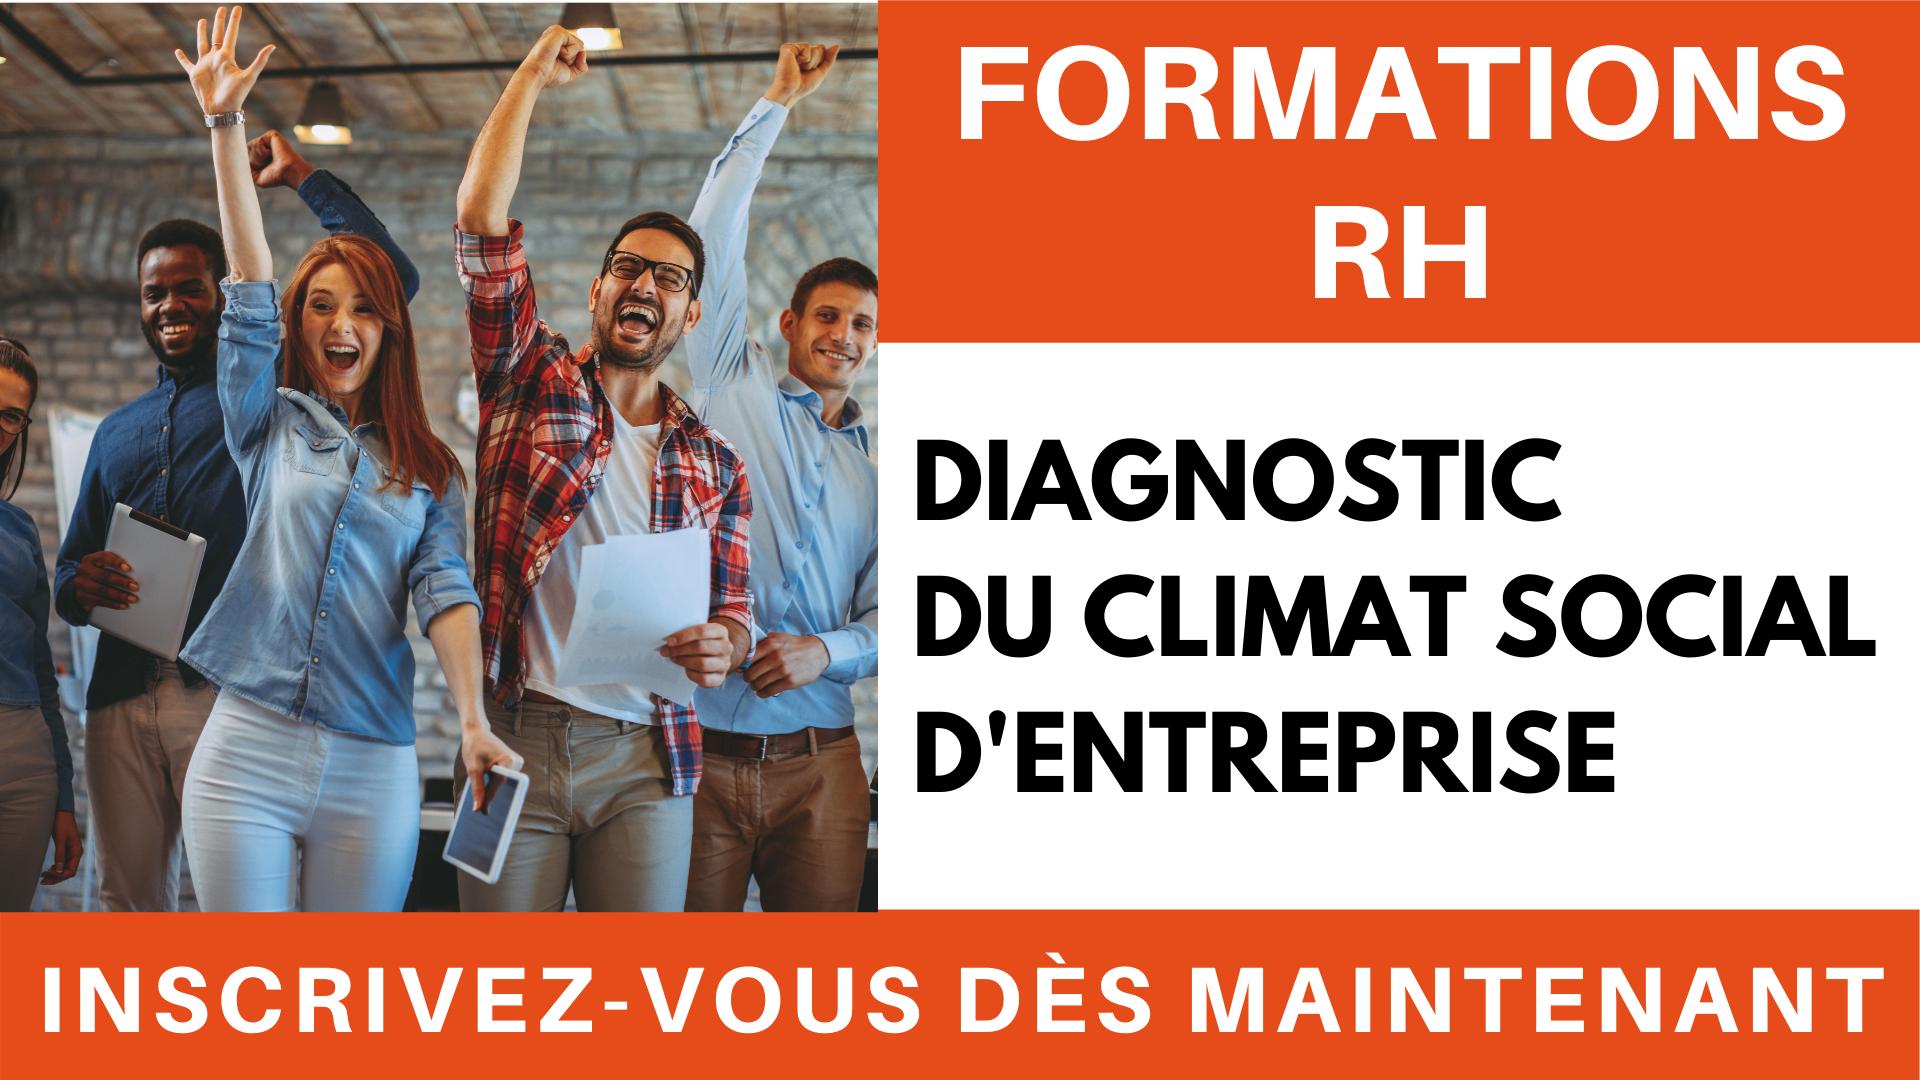 Formation RH - diagnostic du climat social d'entreprise